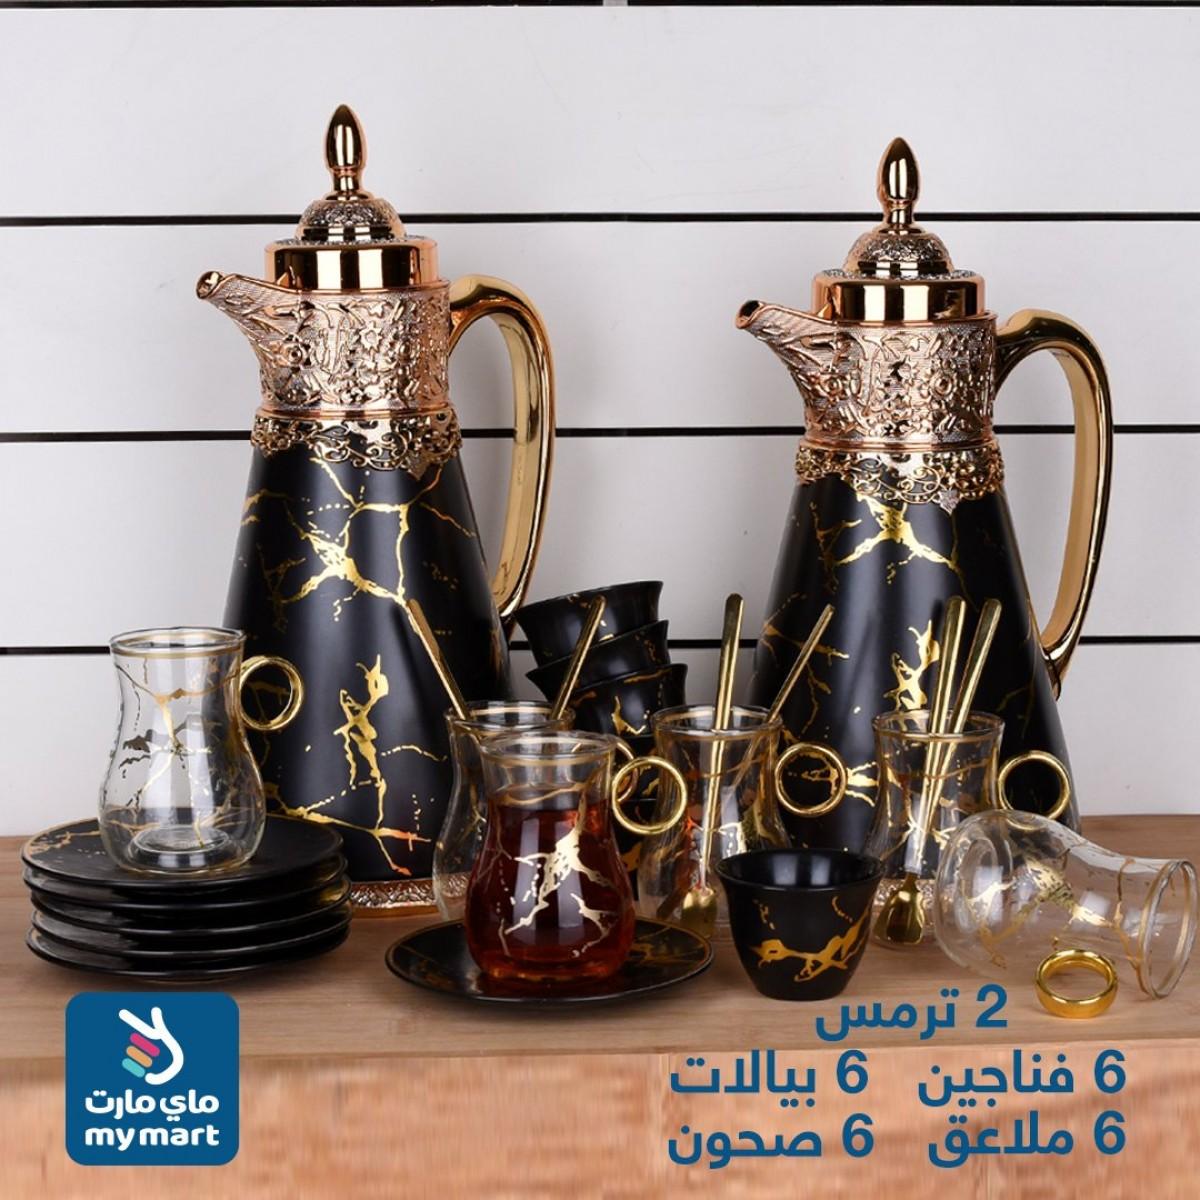 طقم شاي وقهوة 26 قطعة رقم 020334